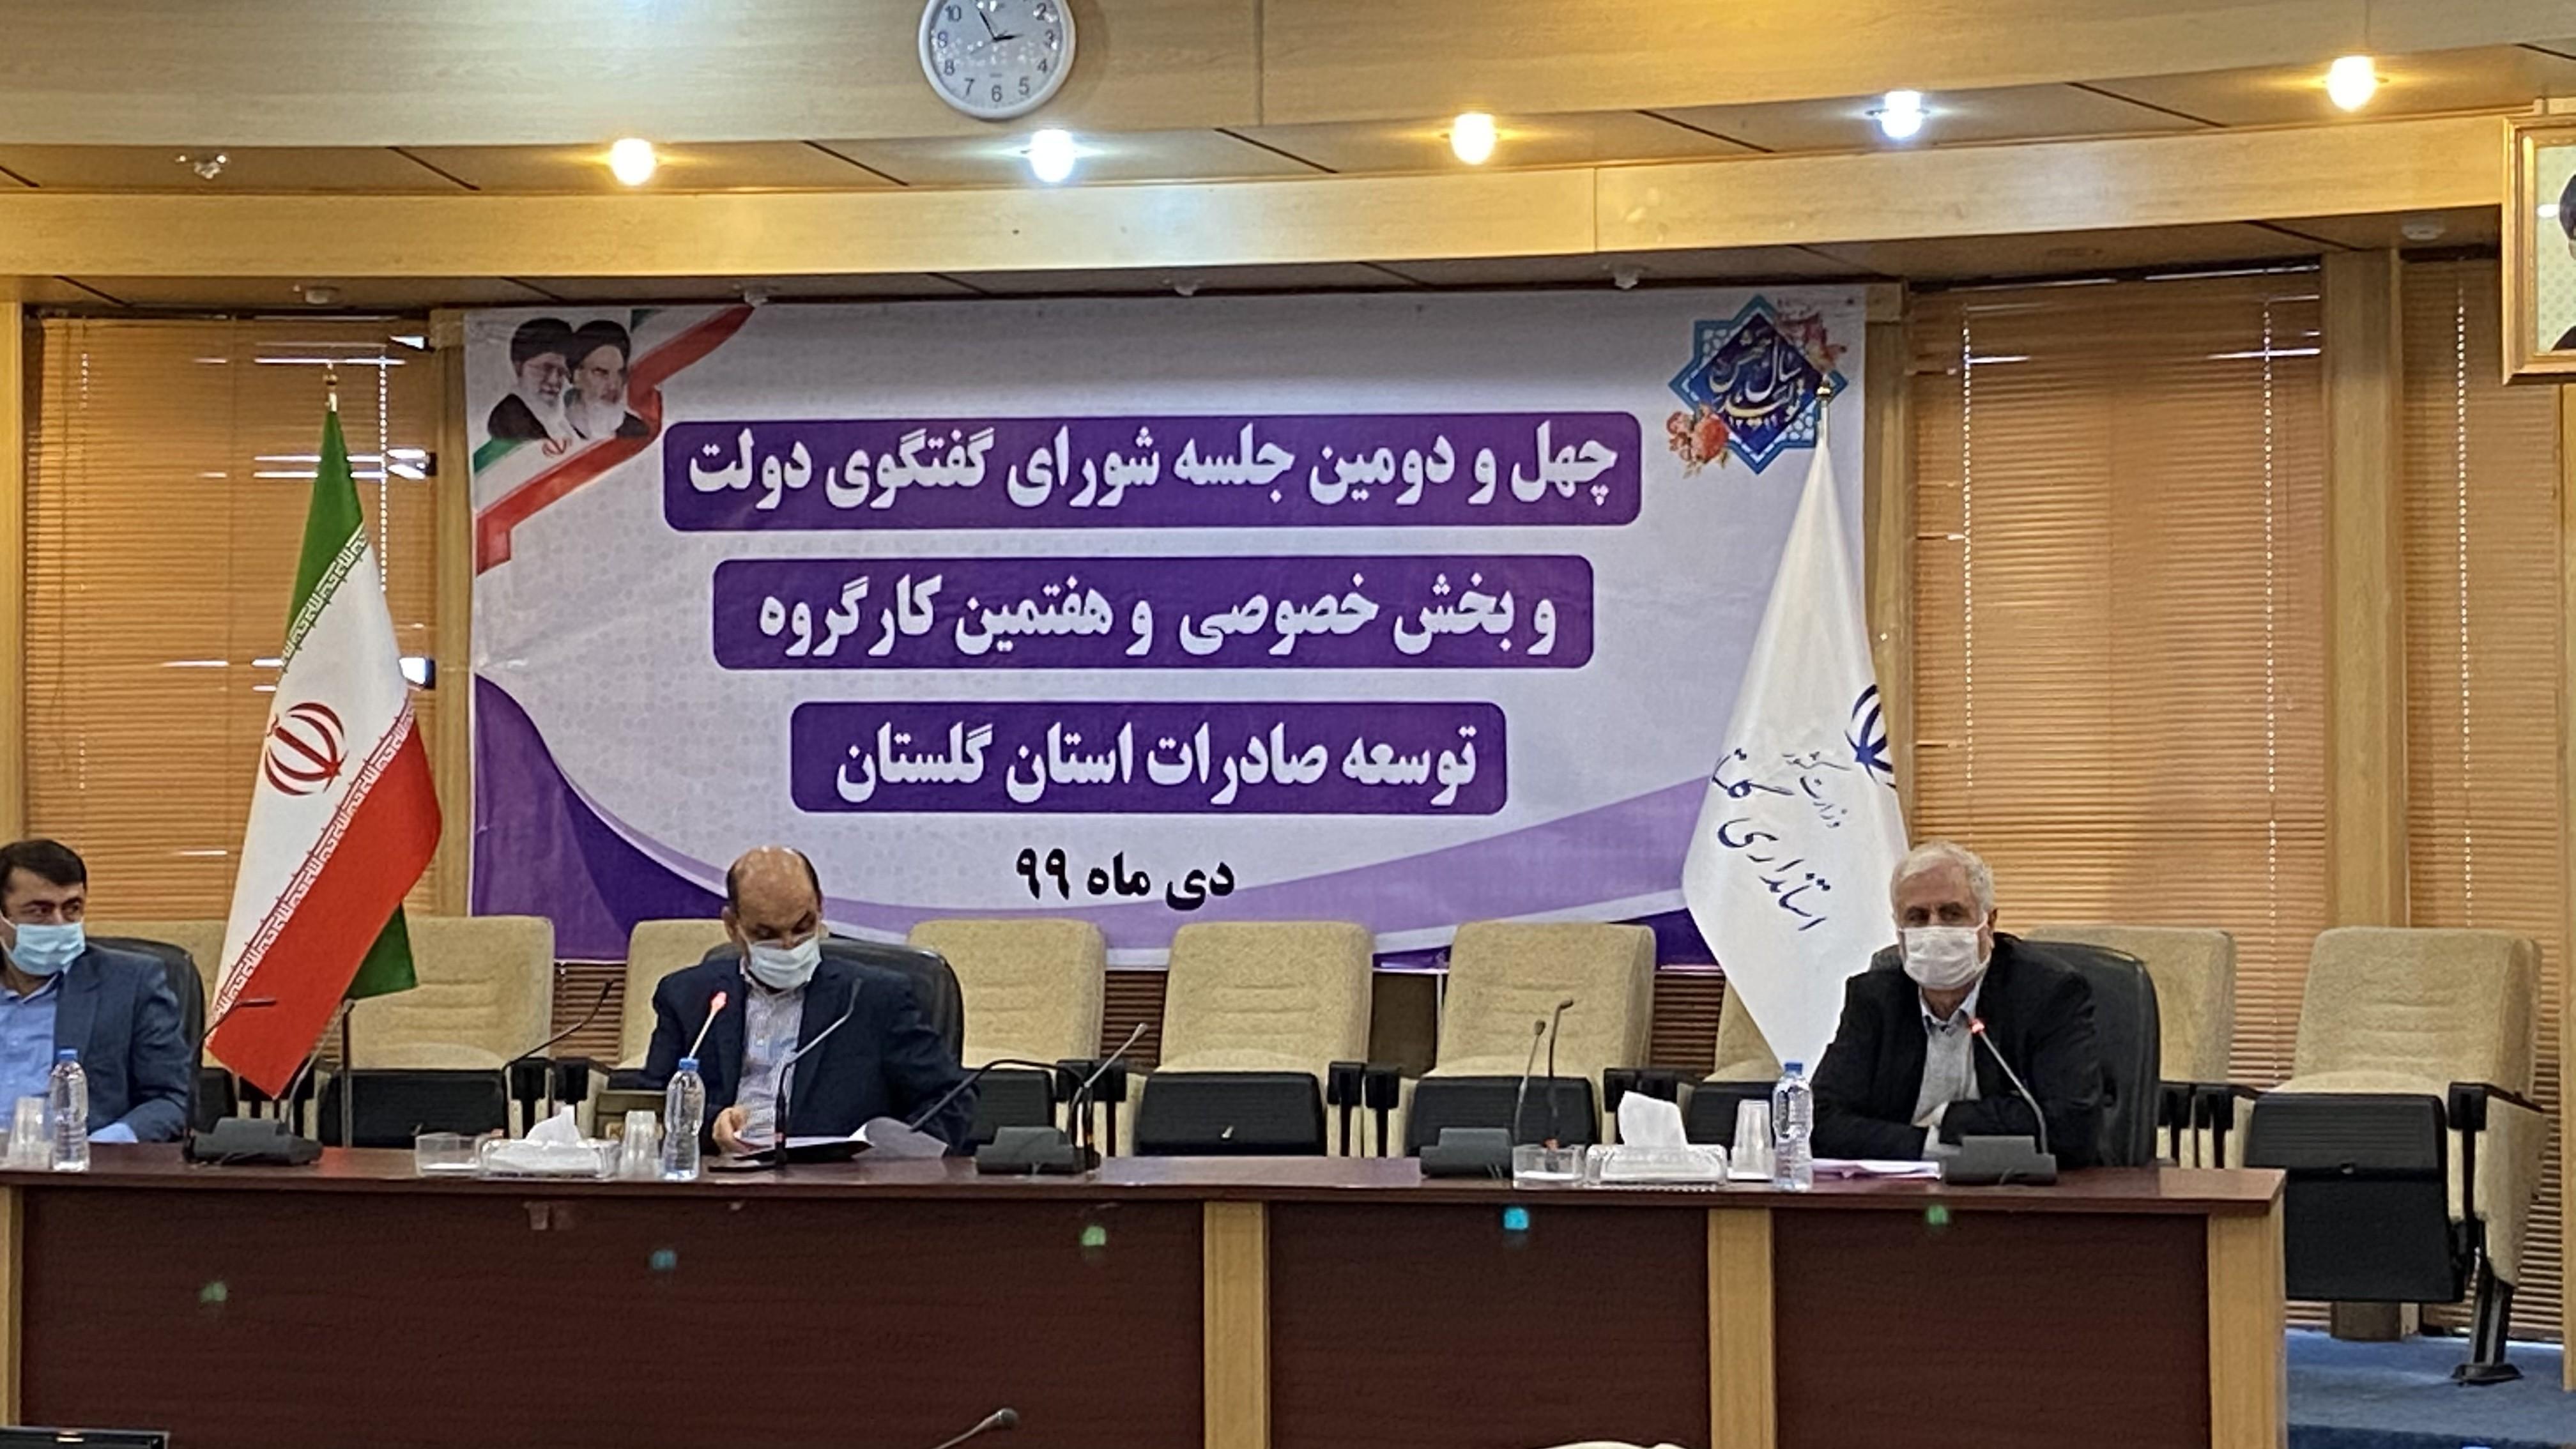 چهل و دومین جلسه شورای گفتگوی دولت و بخش خصوصی استان گلستان